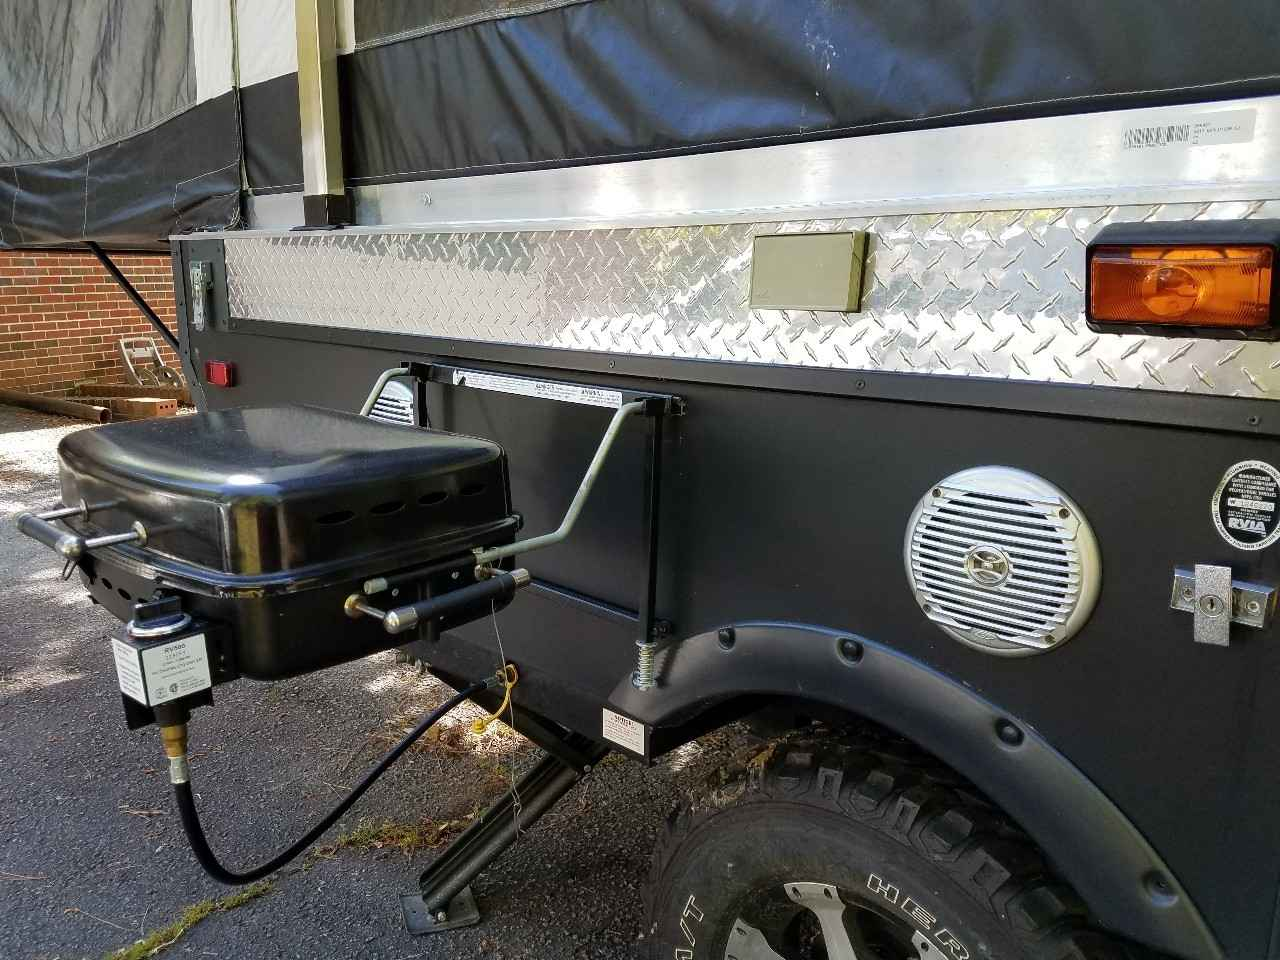 2013 Used Somerset Rv EVOLUTION E2 Pop Up Camper in Alabama AL